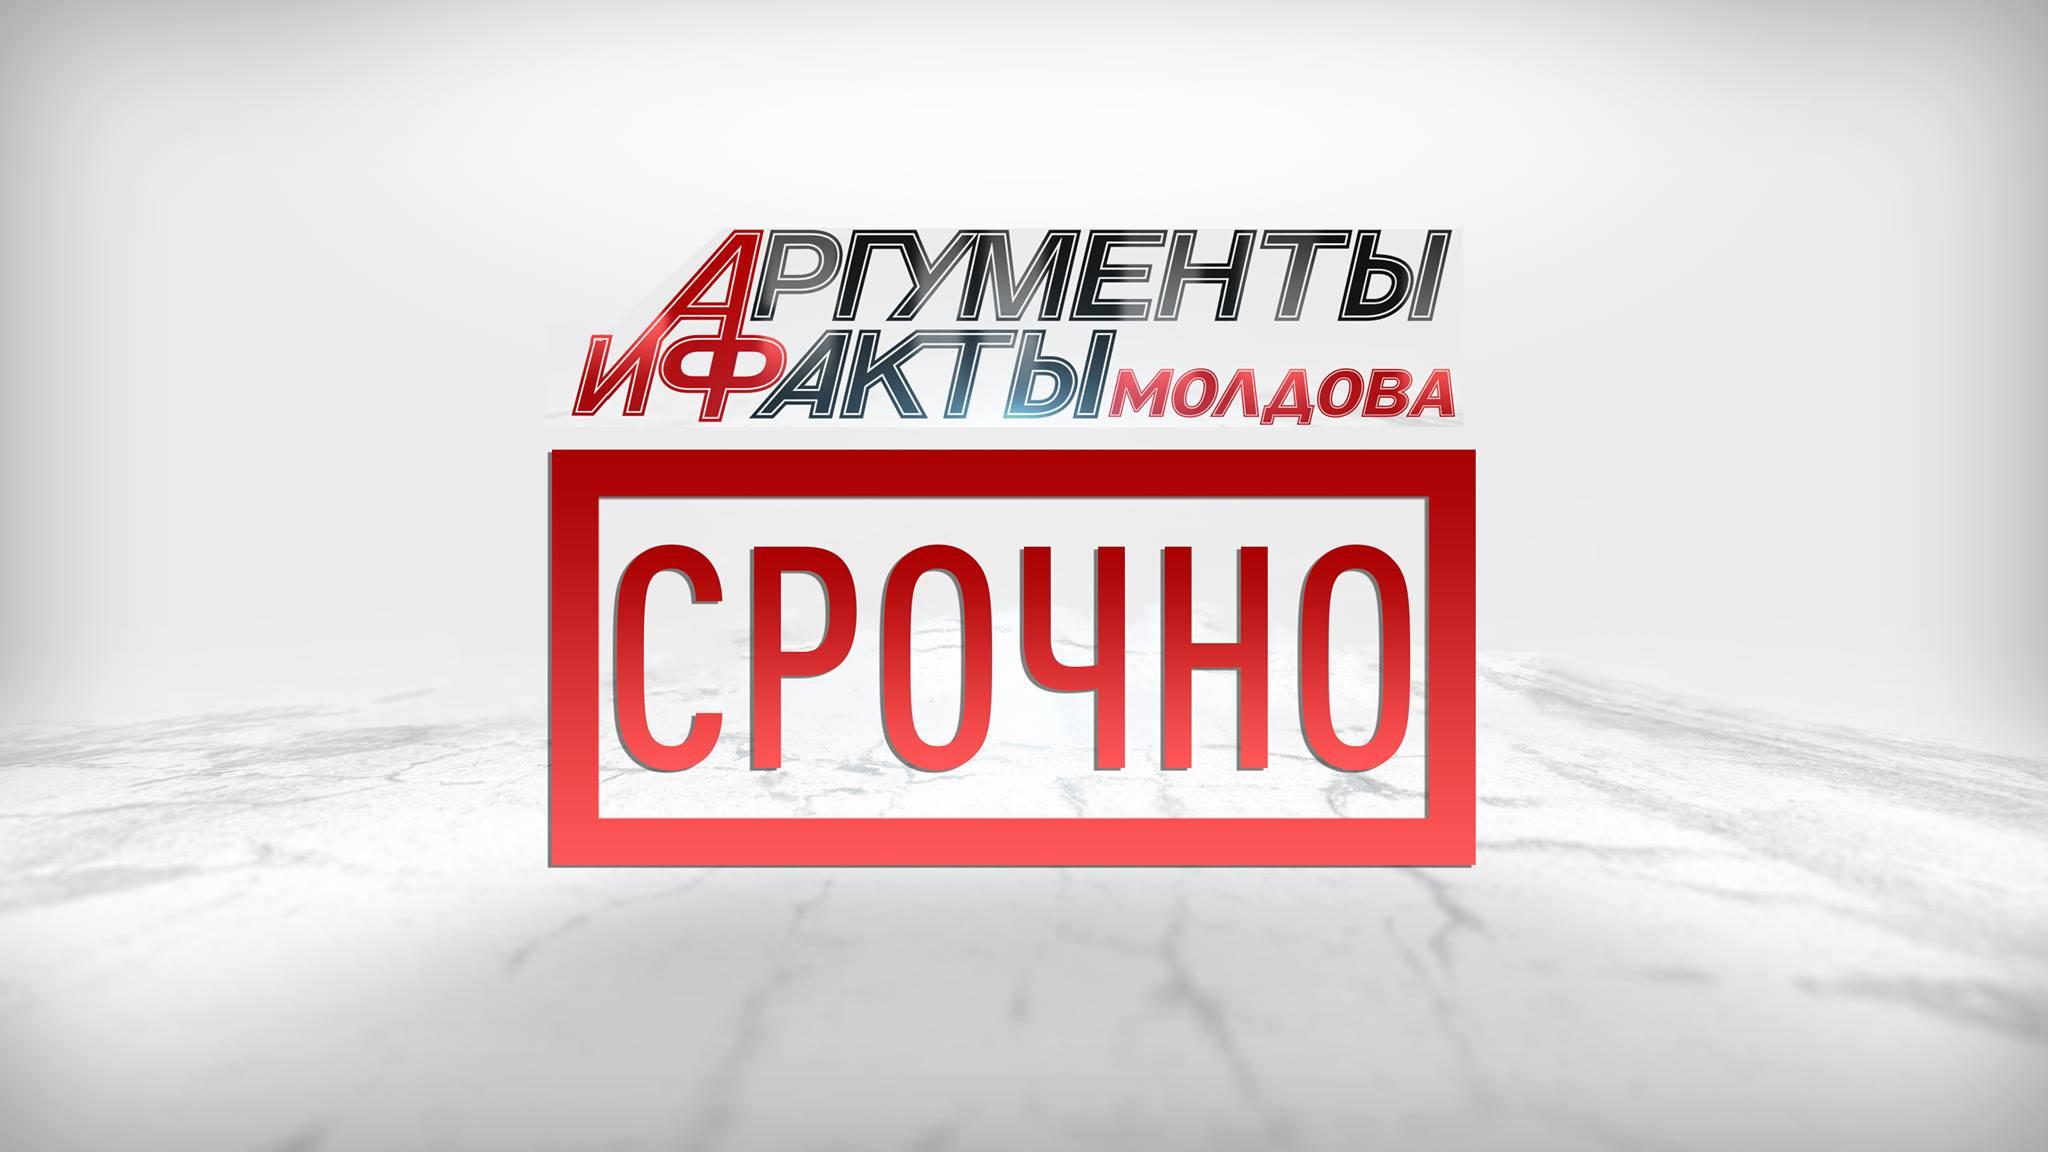 Конституционный суд по заказу демократов вновь временно отстранил от должности президента